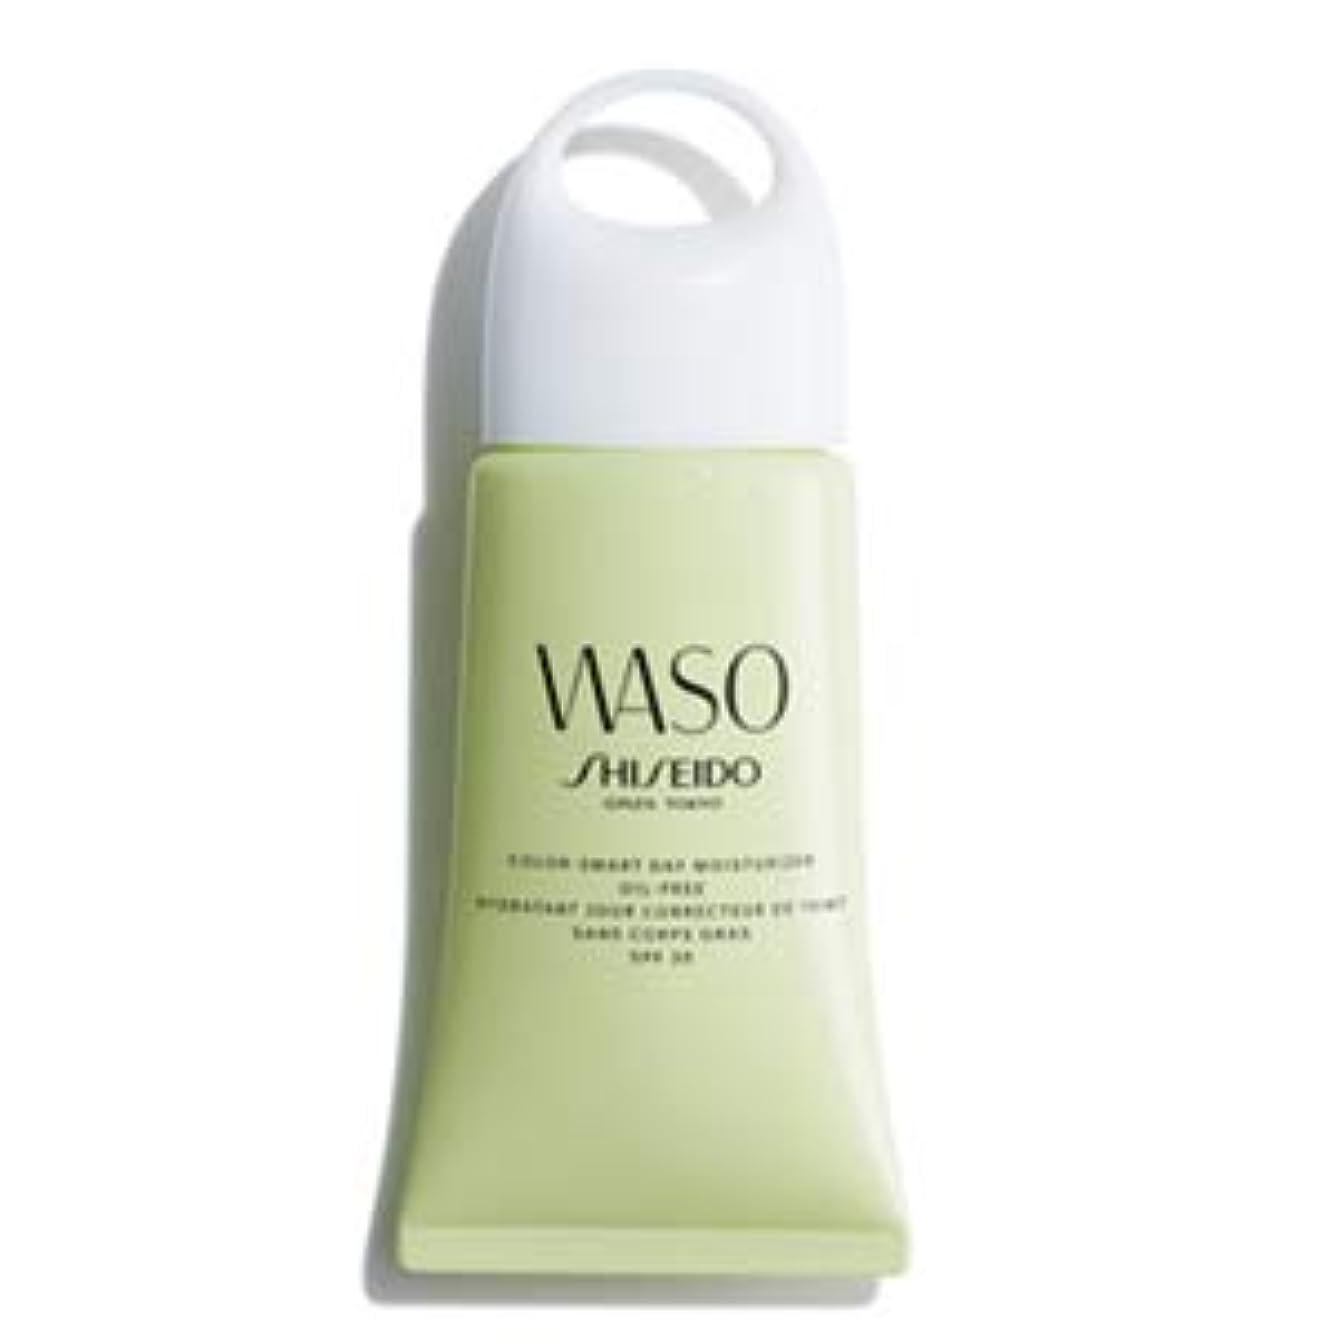 フットボール放棄されたストライプWASO(ワソウ) カラー スマート デー モイスチャライザー オイルフリー PA+++ / SPF30 (日中用乳液)_55g